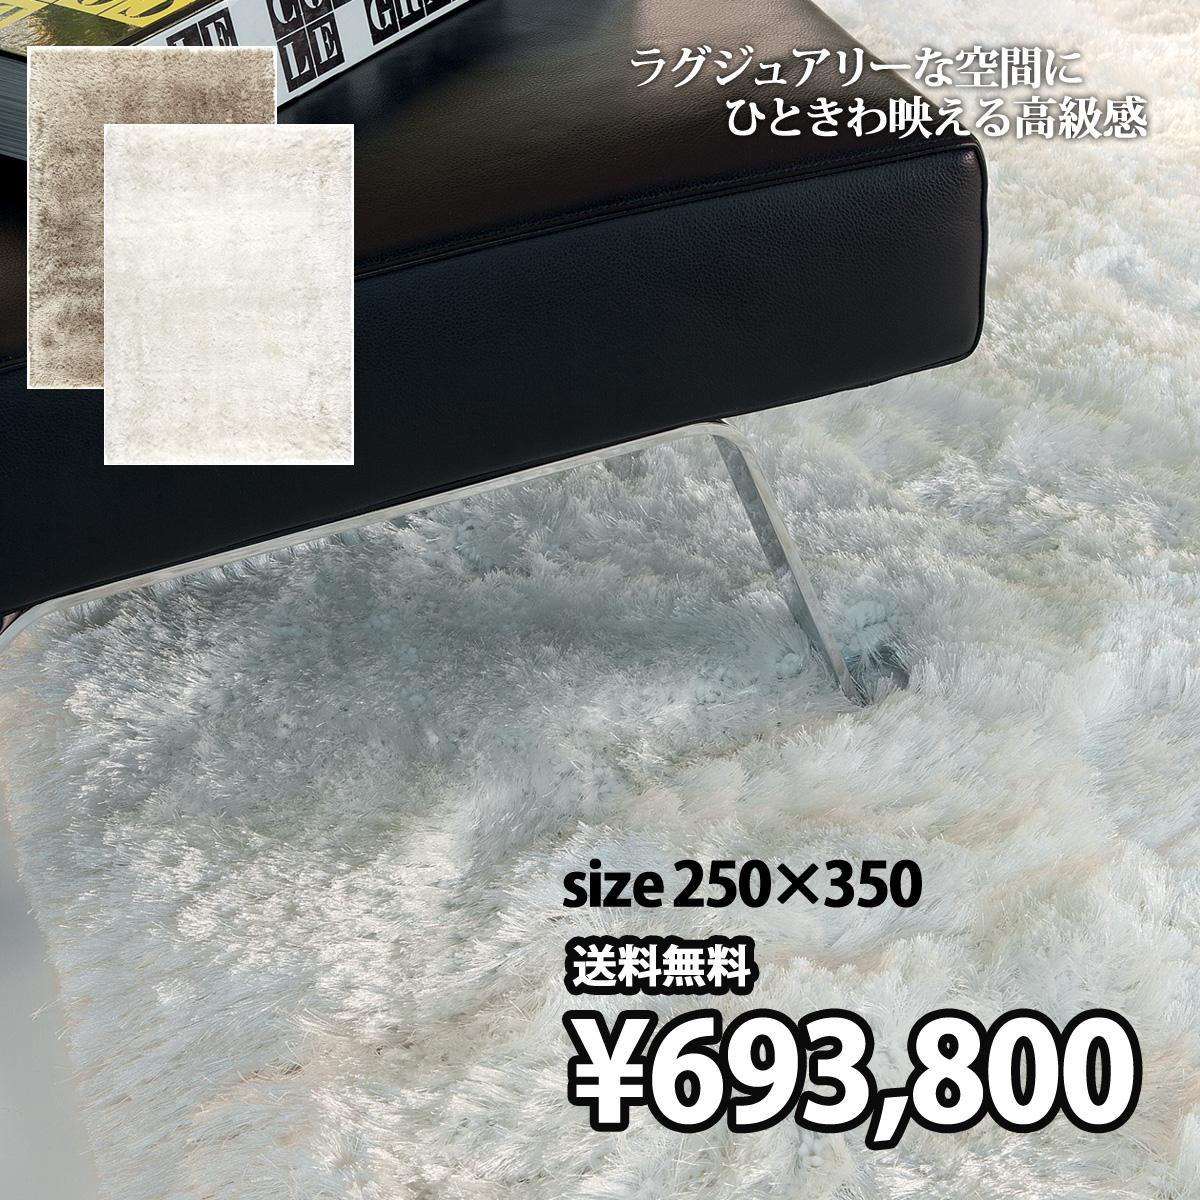 最高級の品質。斬新なデザインと新しいスタイルのラグ 250×350 インポート ハンドメイド セミオーダー ラグ マット カーペット-LIGNE PURE-adore 207.001.100,900 【li】